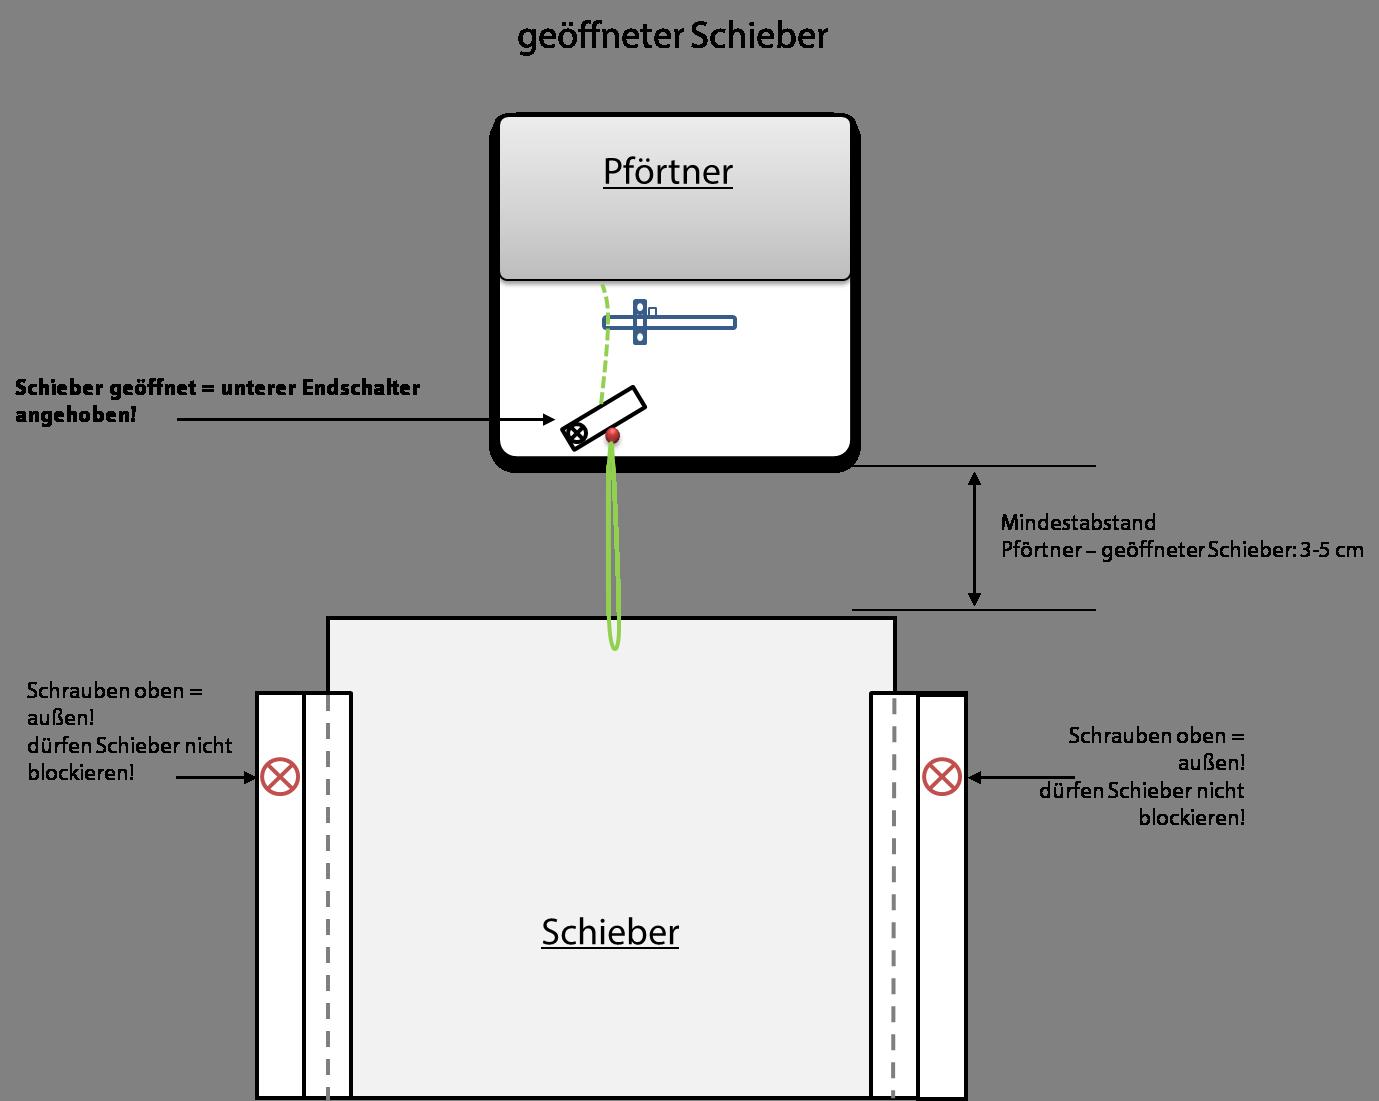 schieber_offen_de